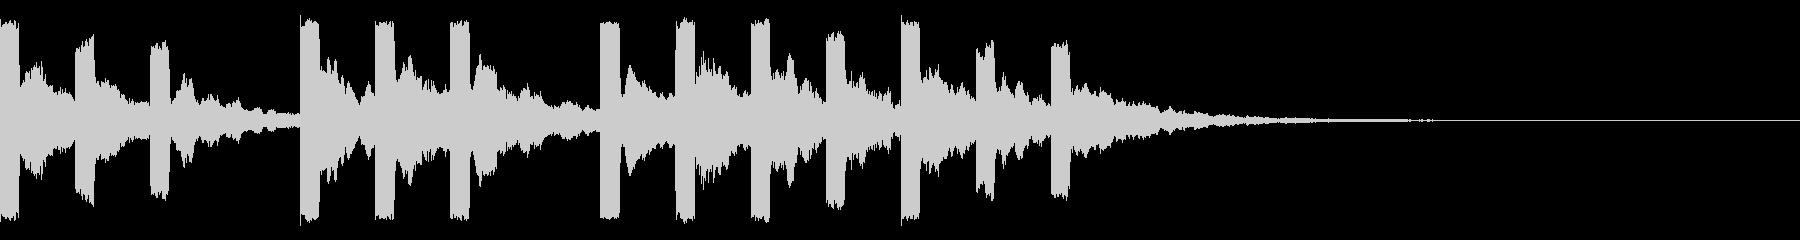 始まりの際の音の未再生の波形